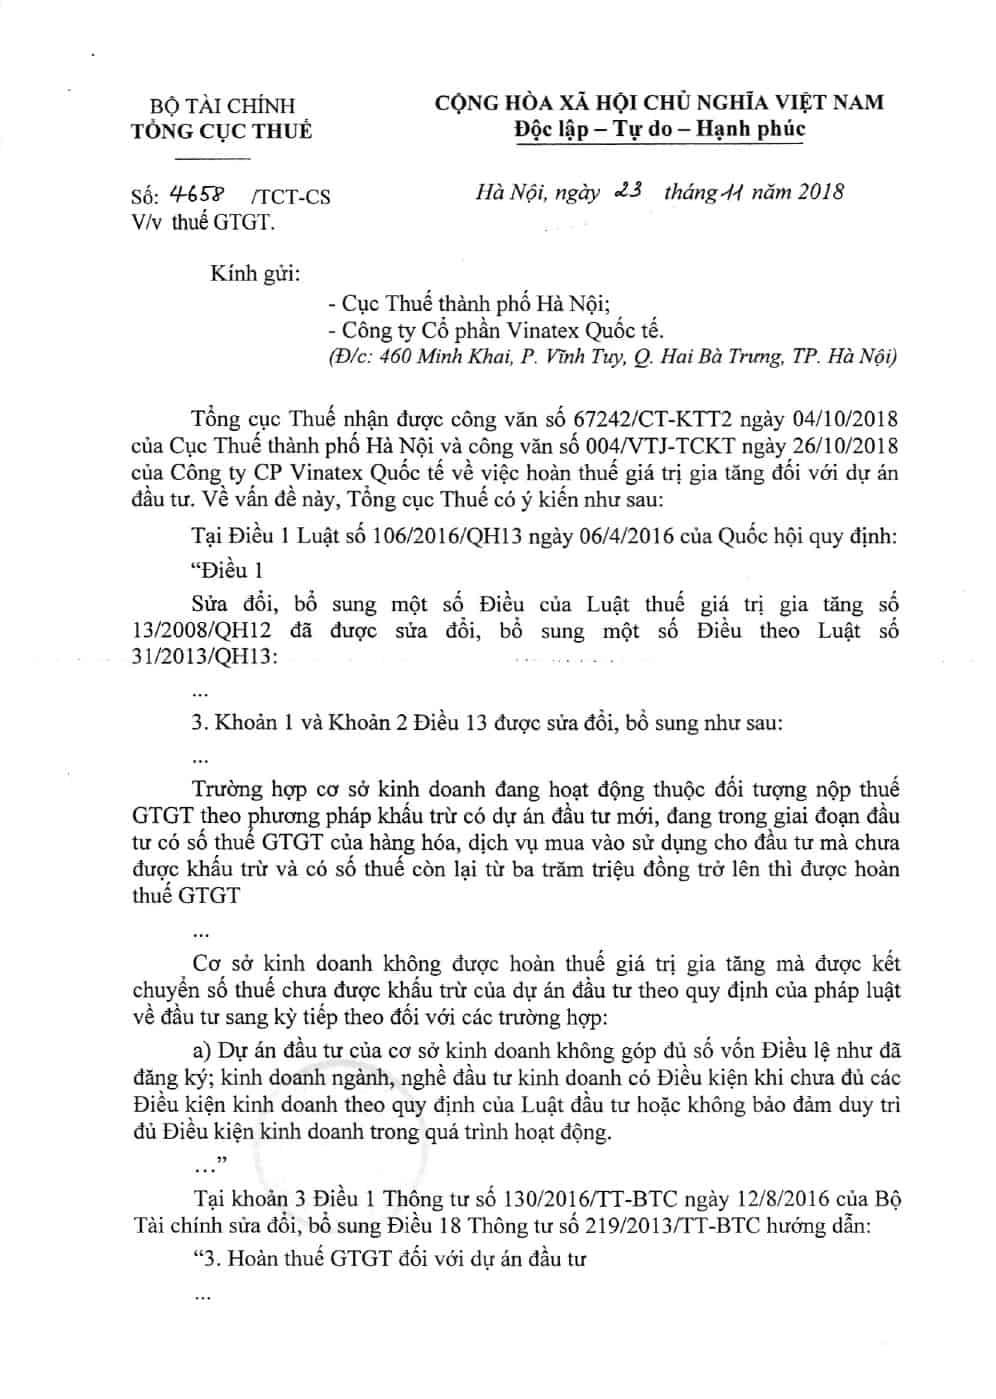 Công văn 4658/TCT của Tổng cục Thuế ngày 23/11/2018 về thuế GTGT